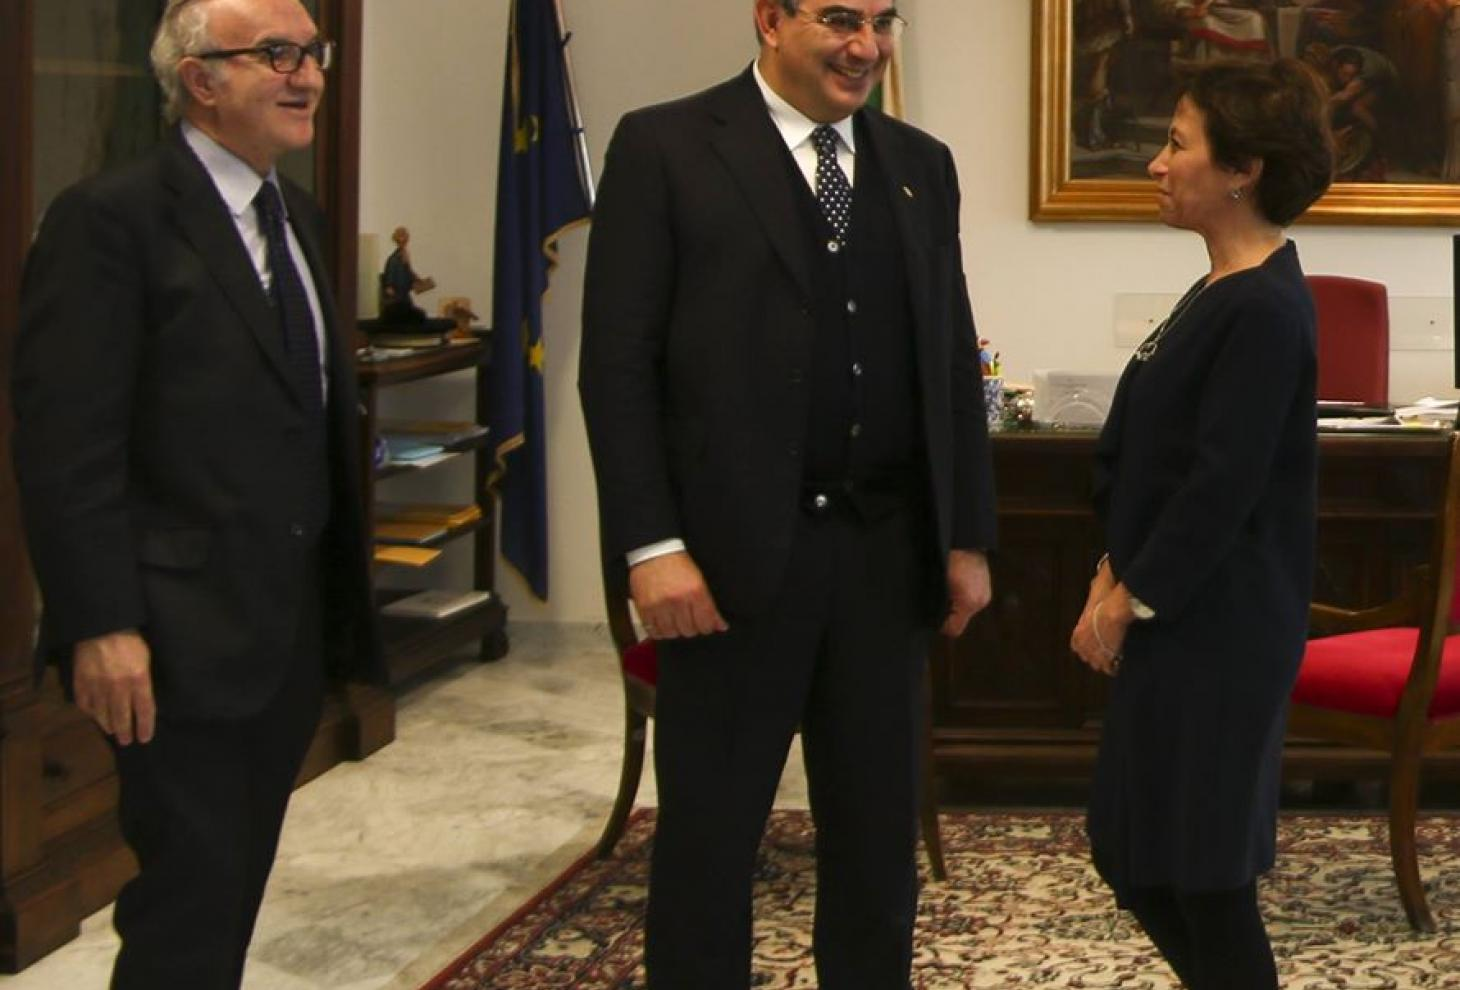 Il presidente Luciano D'Alfonso, ilprocuratore generalePietro Mennini e il presidente della corte d'Appello Fabrizia Ida Francabandera